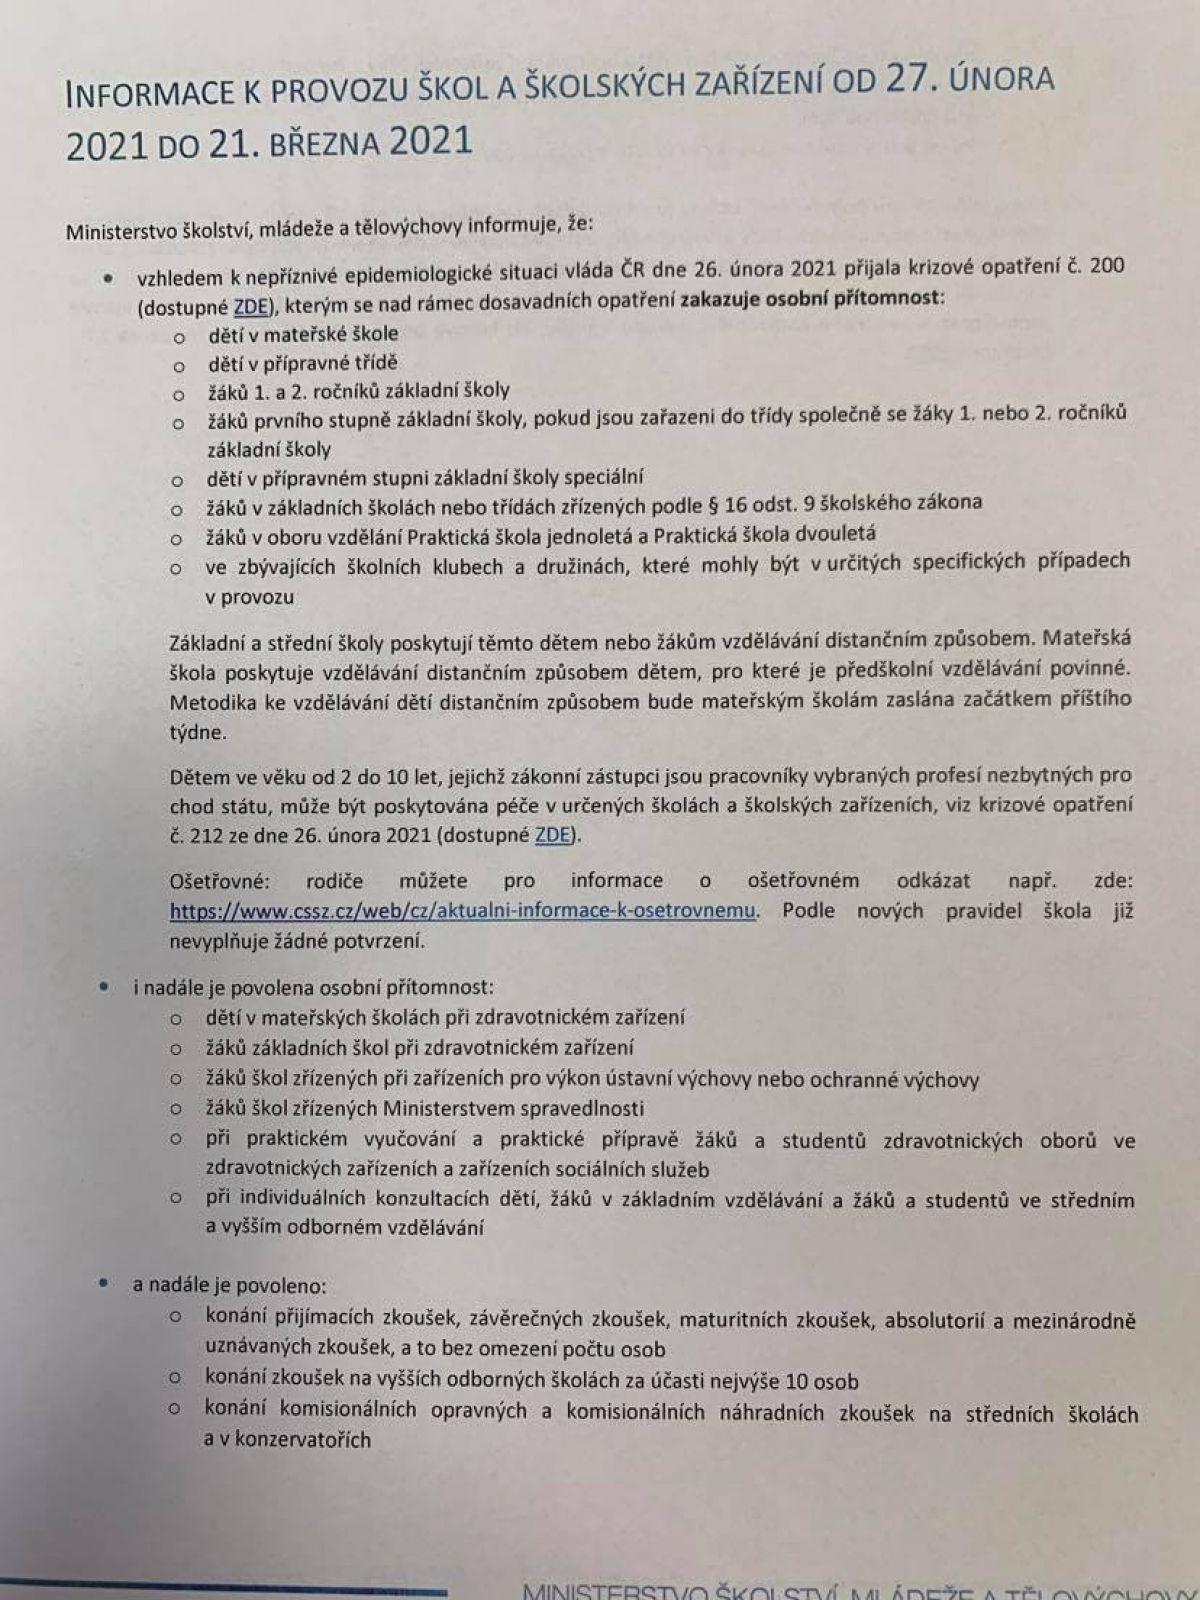 Informace k provozu škol od 1.3.2021